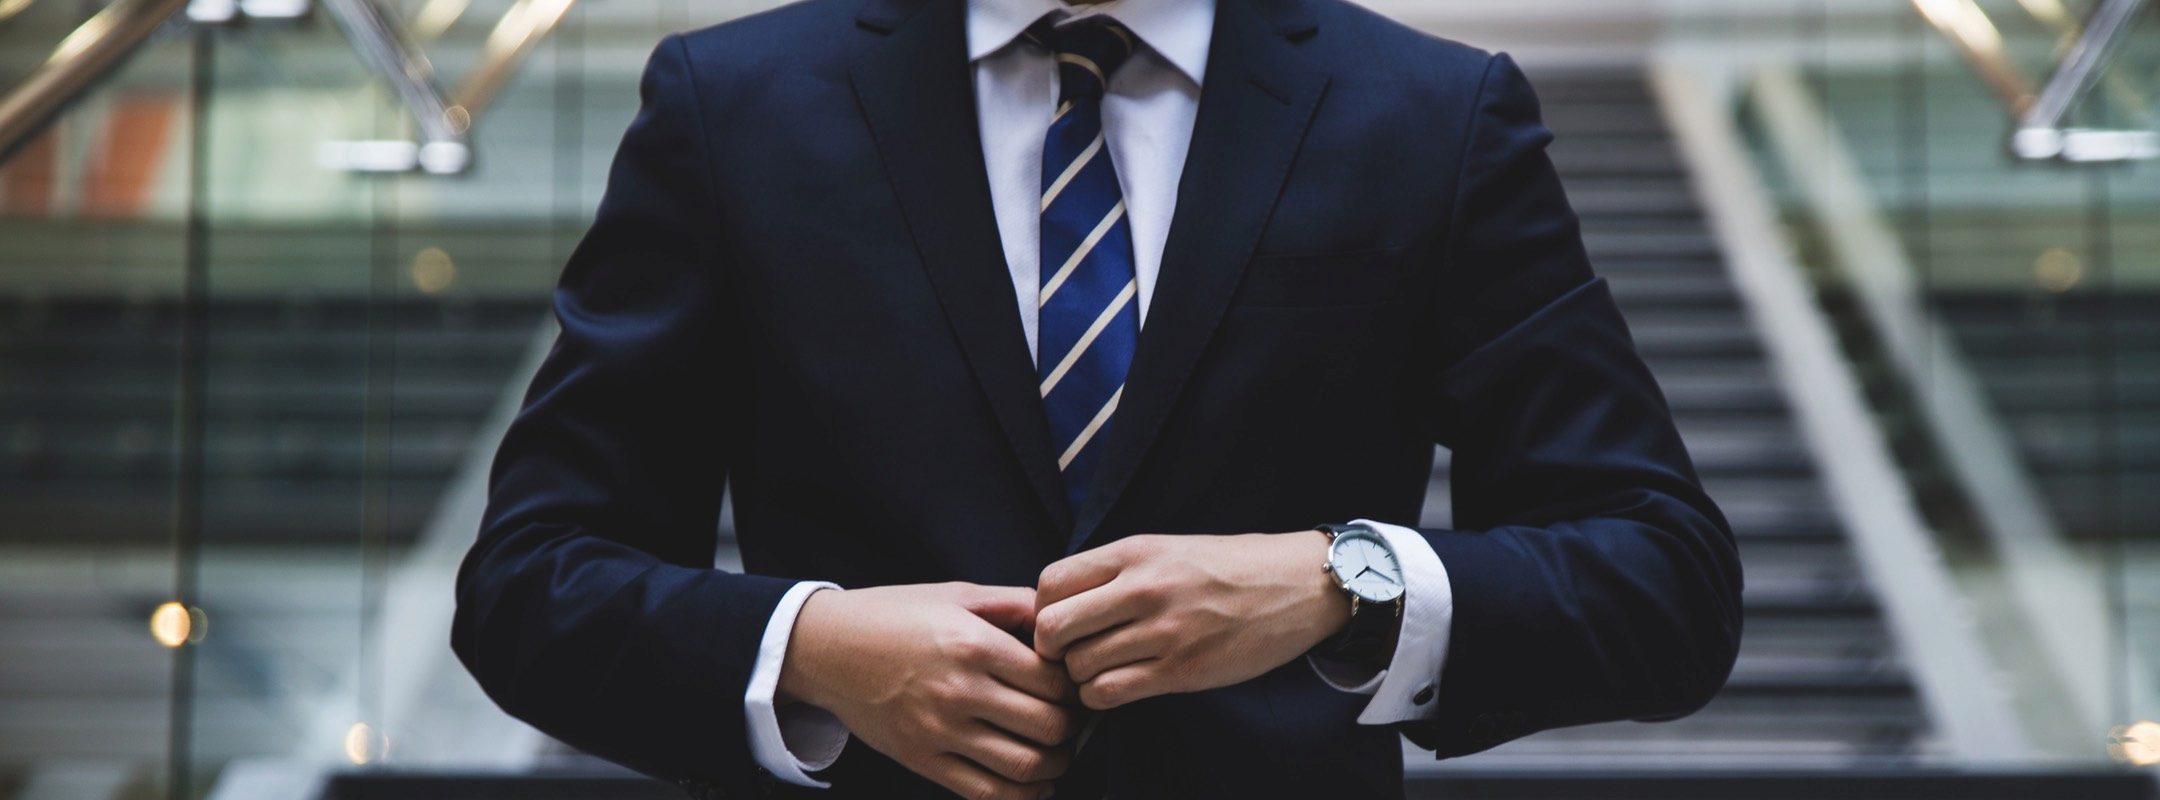 Woran erkenne ich einen Juristen? TalentRocker erklärt.